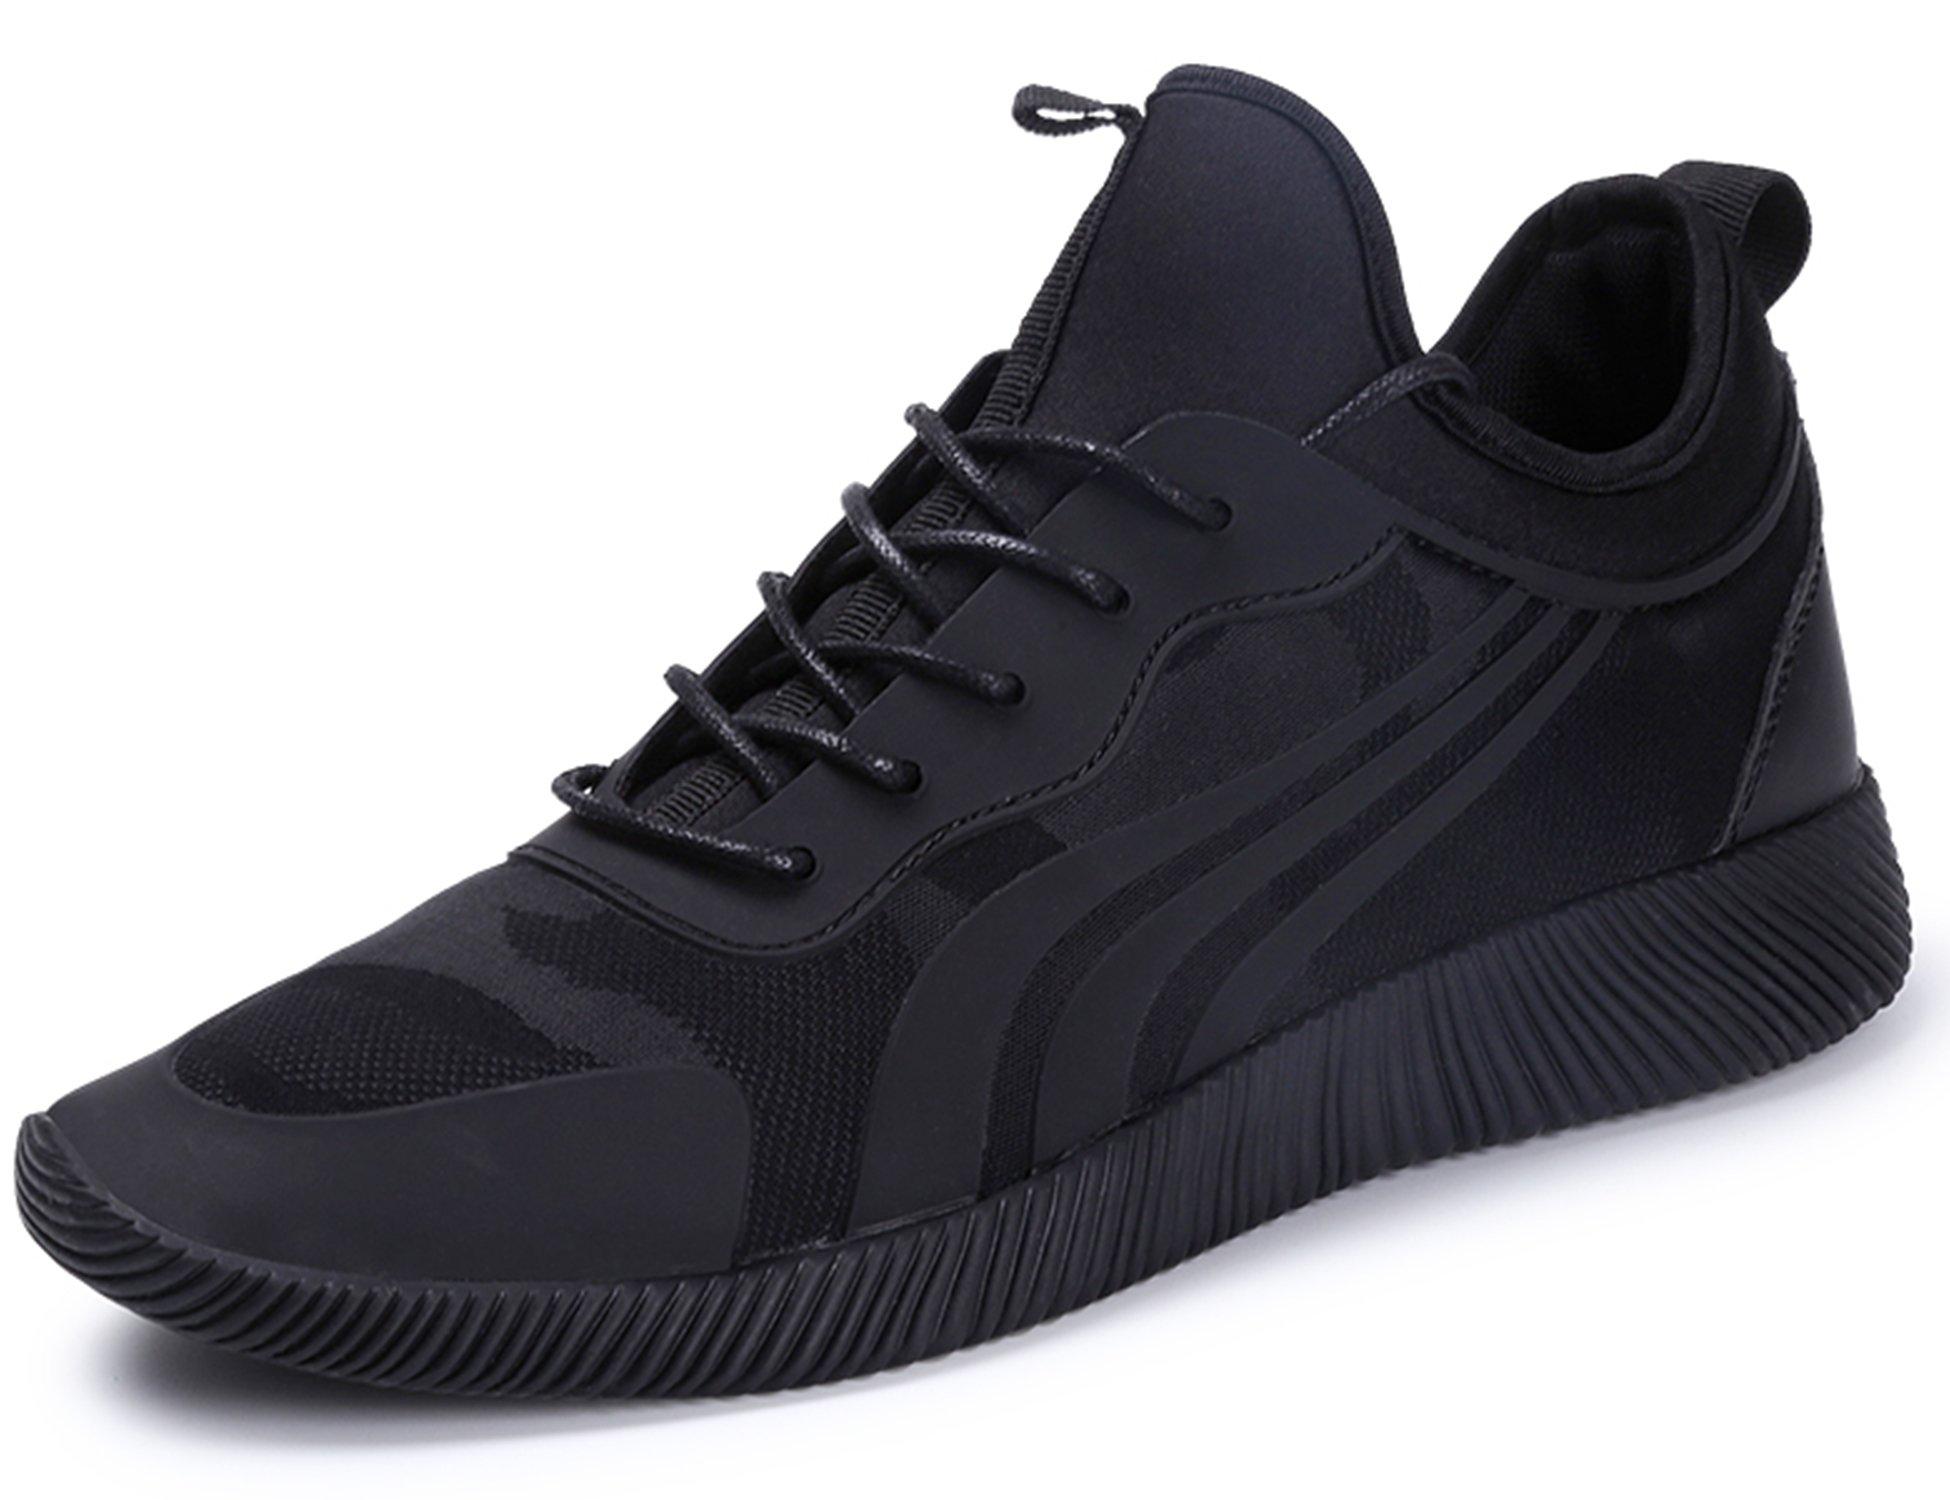 IIIIS-F Zapatillas Running para Hombre Aire Libre y Deporte Transpirables Casual Zapatos Gimnasio Correr Sneakers Negro 39 EU Adecuado para Longitud del pie 23.7-24.1cm: Amazon.es: Deportes y aire libre